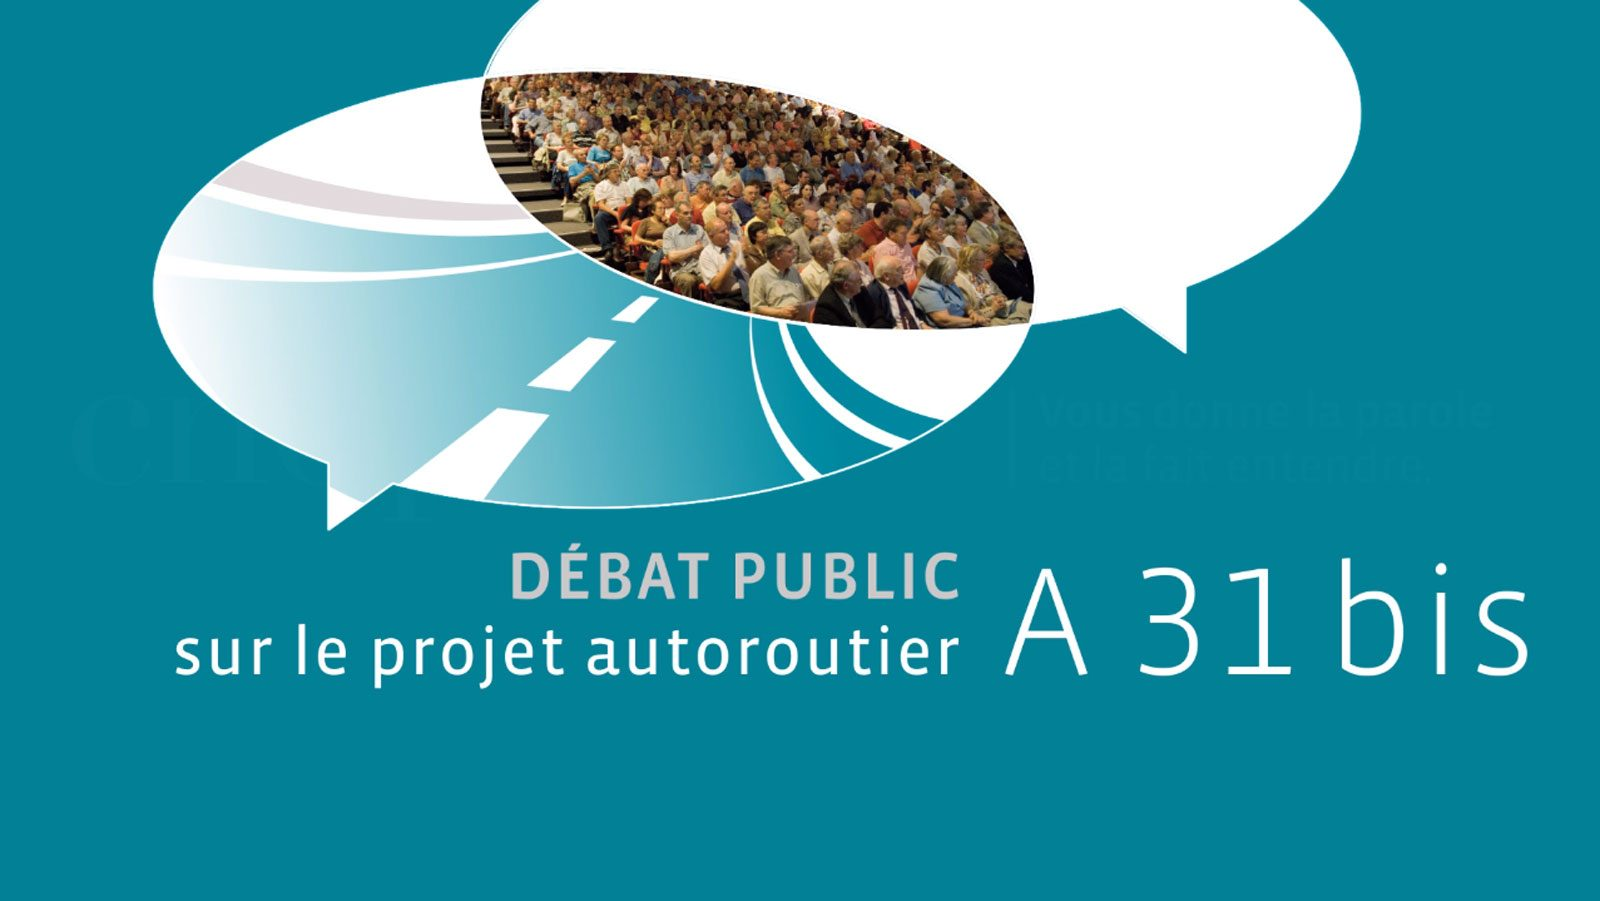 A31bis : les 2 dernières réunions publiques avant le bilan